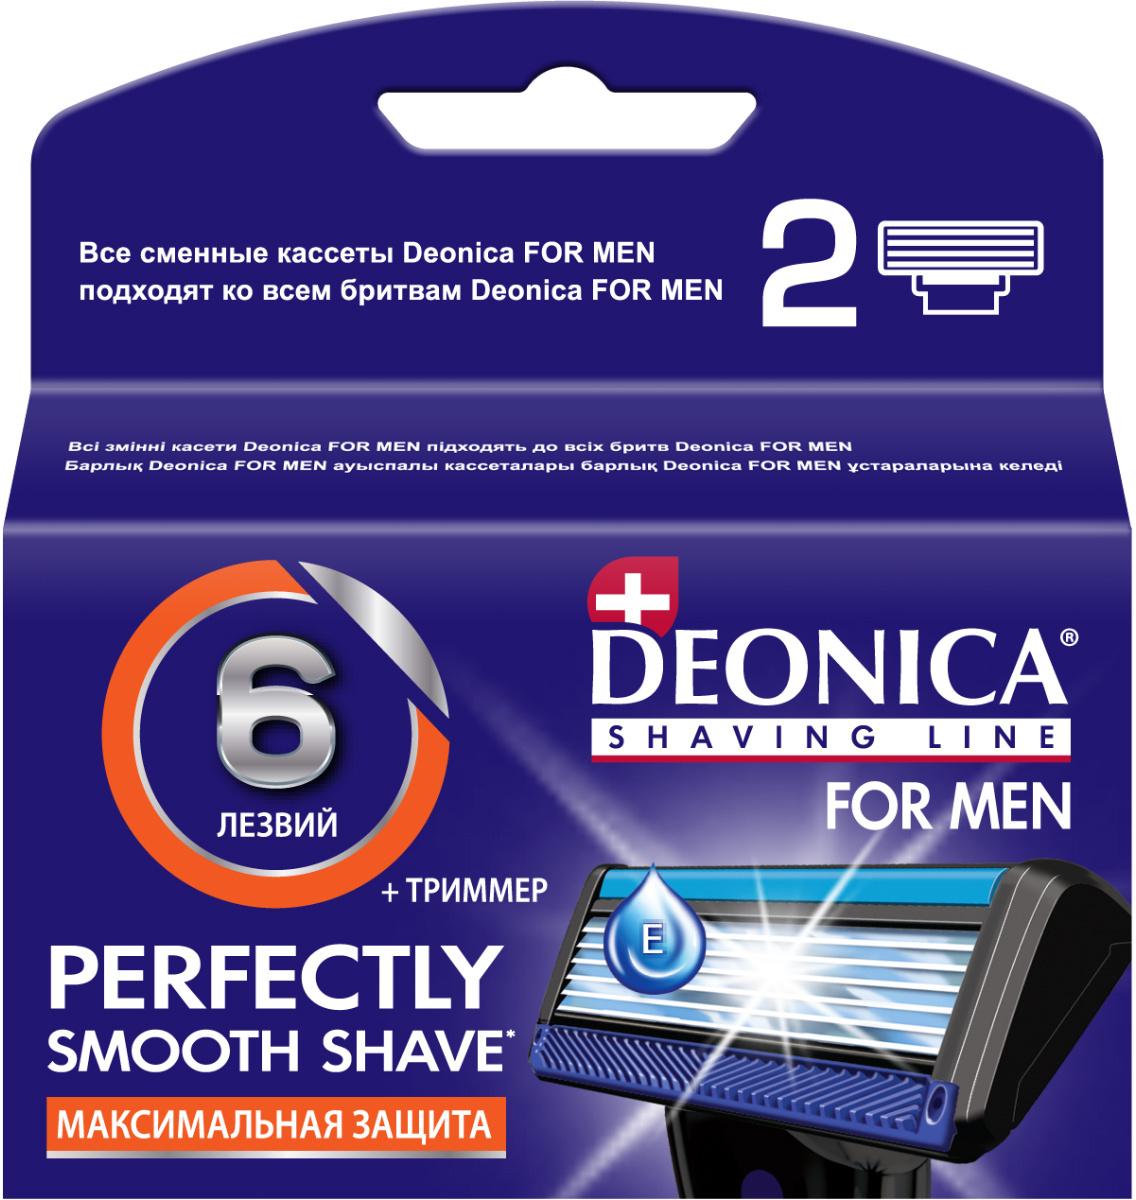 Сменные кассеты для бритья мужские шесть лезвий Deonica с алмазным покрытием и комплексом MicroSILVER, #1